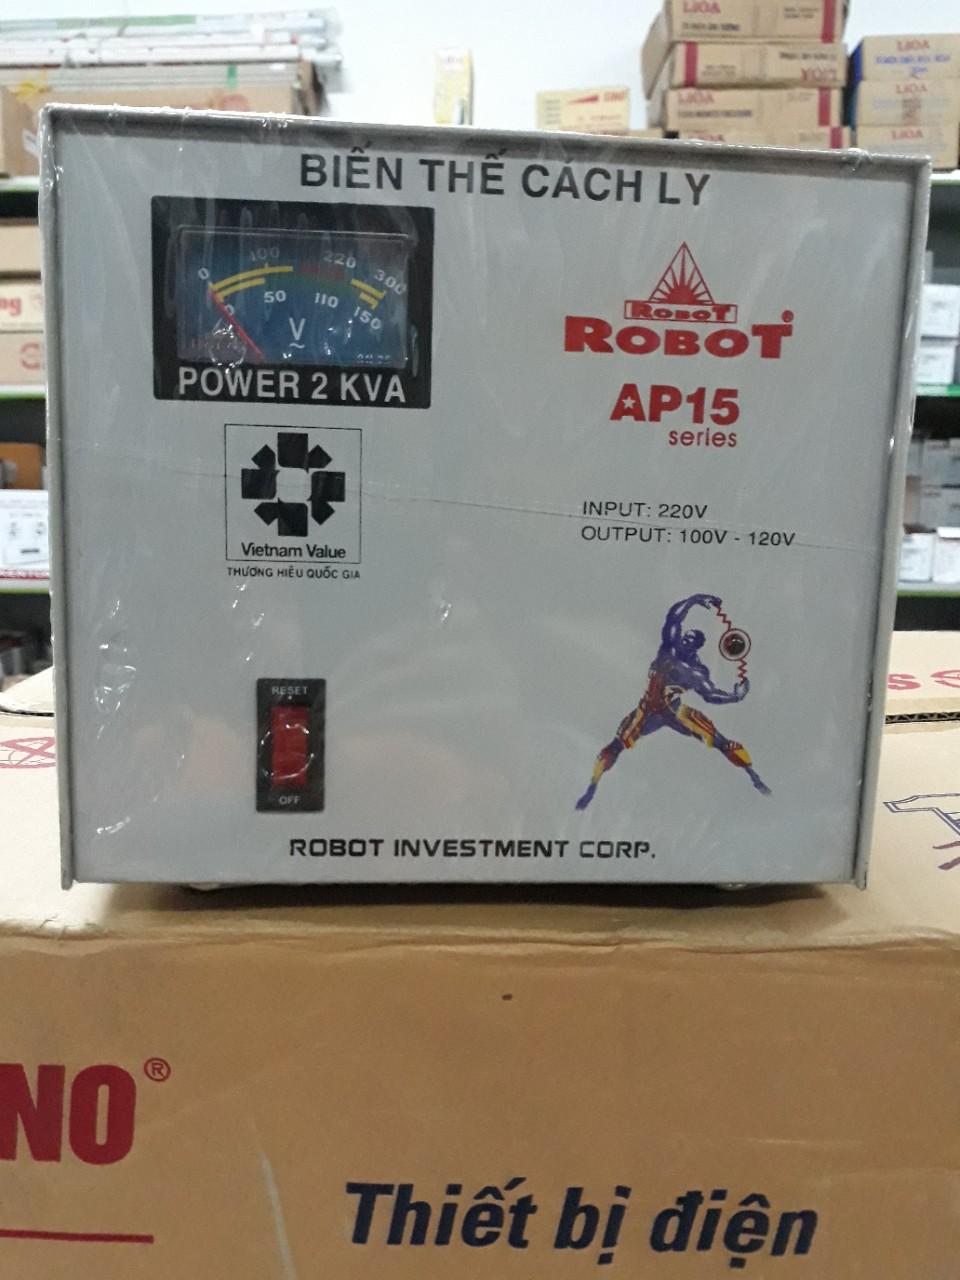 Biến Thế Cách Ly Robot 2KVA